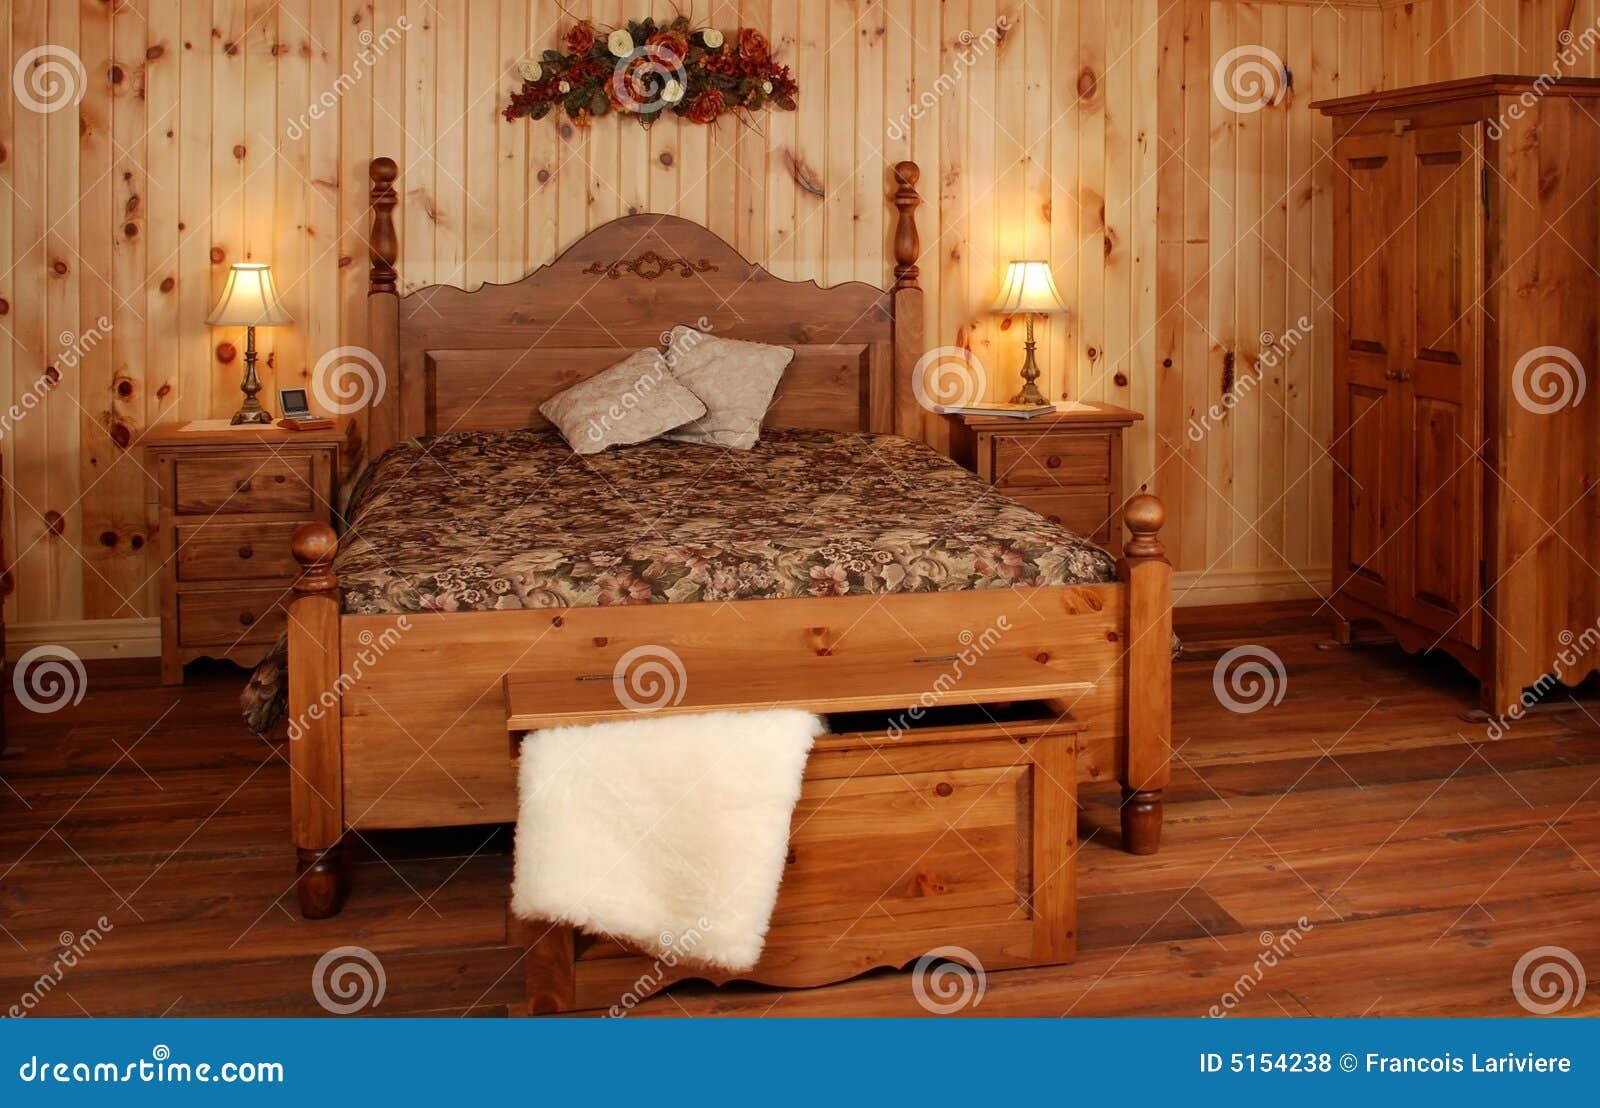 Vecchio insieme di camera da letto di legno di pino fotografie stock libere da diritti - Camera da letto marrone ...